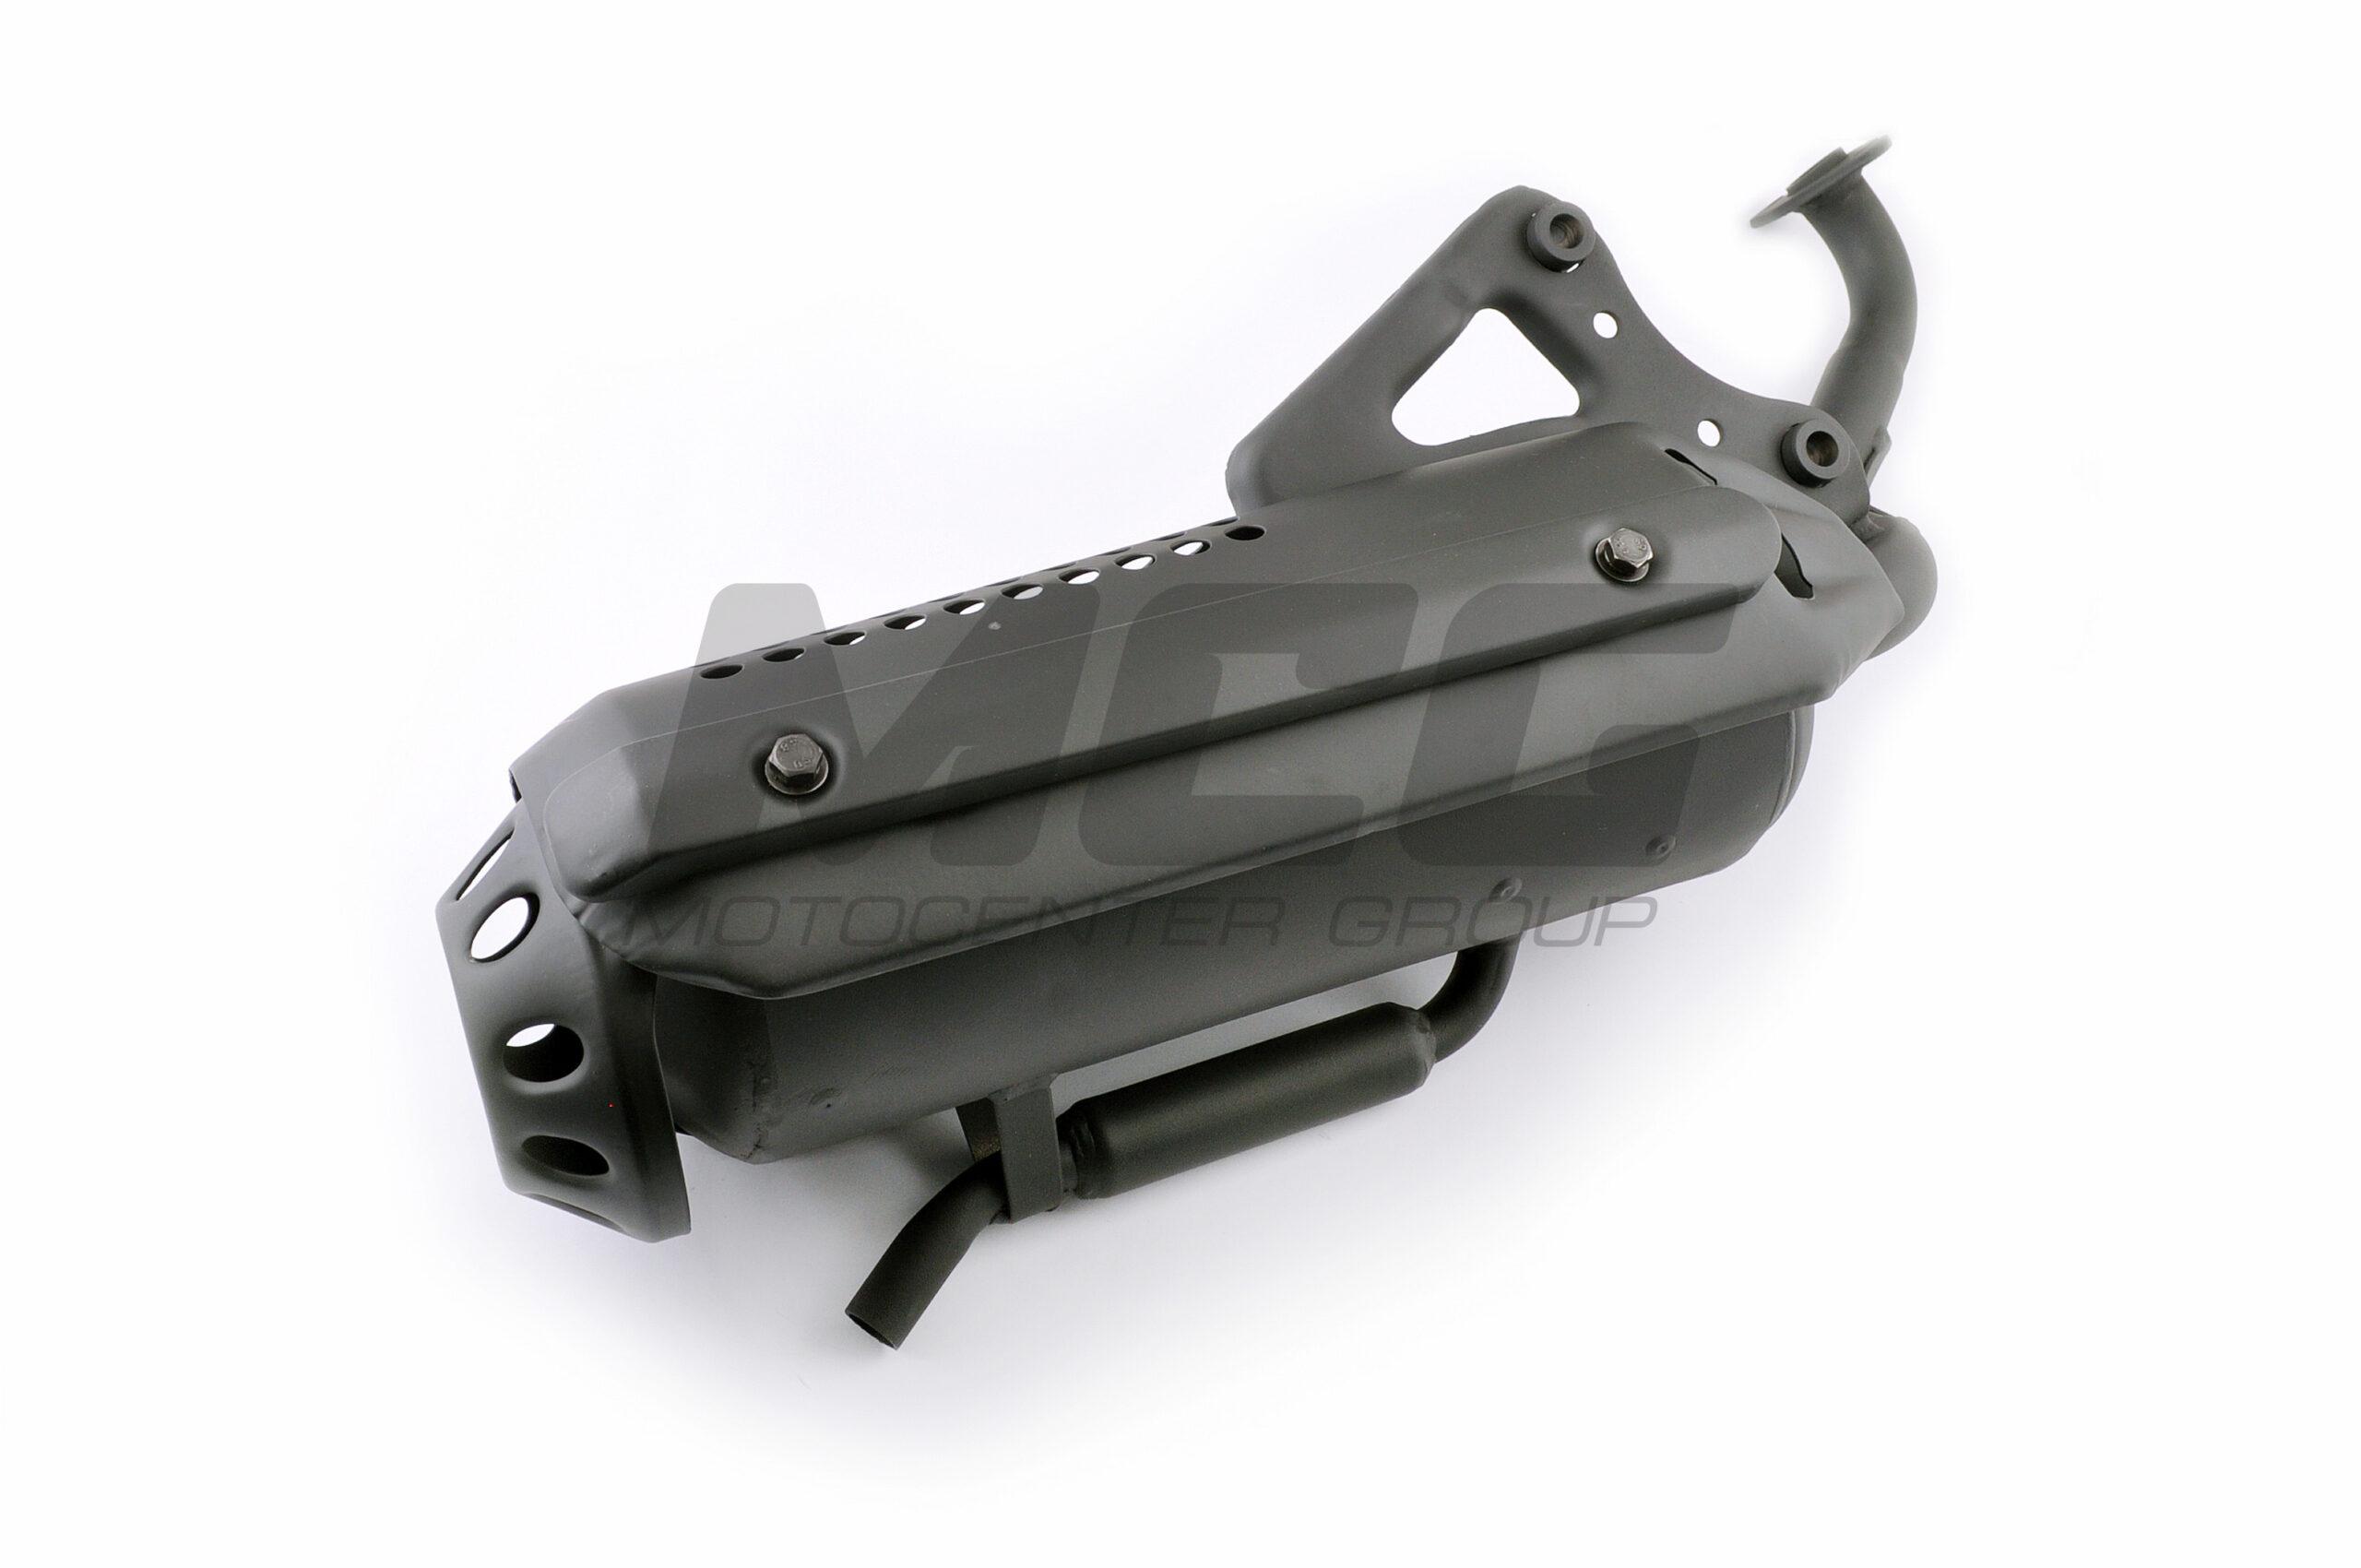 Глушитель Honda DIO AF35/LEAD 48 «KOMATCU» (mod:B)  Артмото - купить квадроцикл в украине и харькове, мотоцикл, снегоход, скутер, мопед, электромобиль